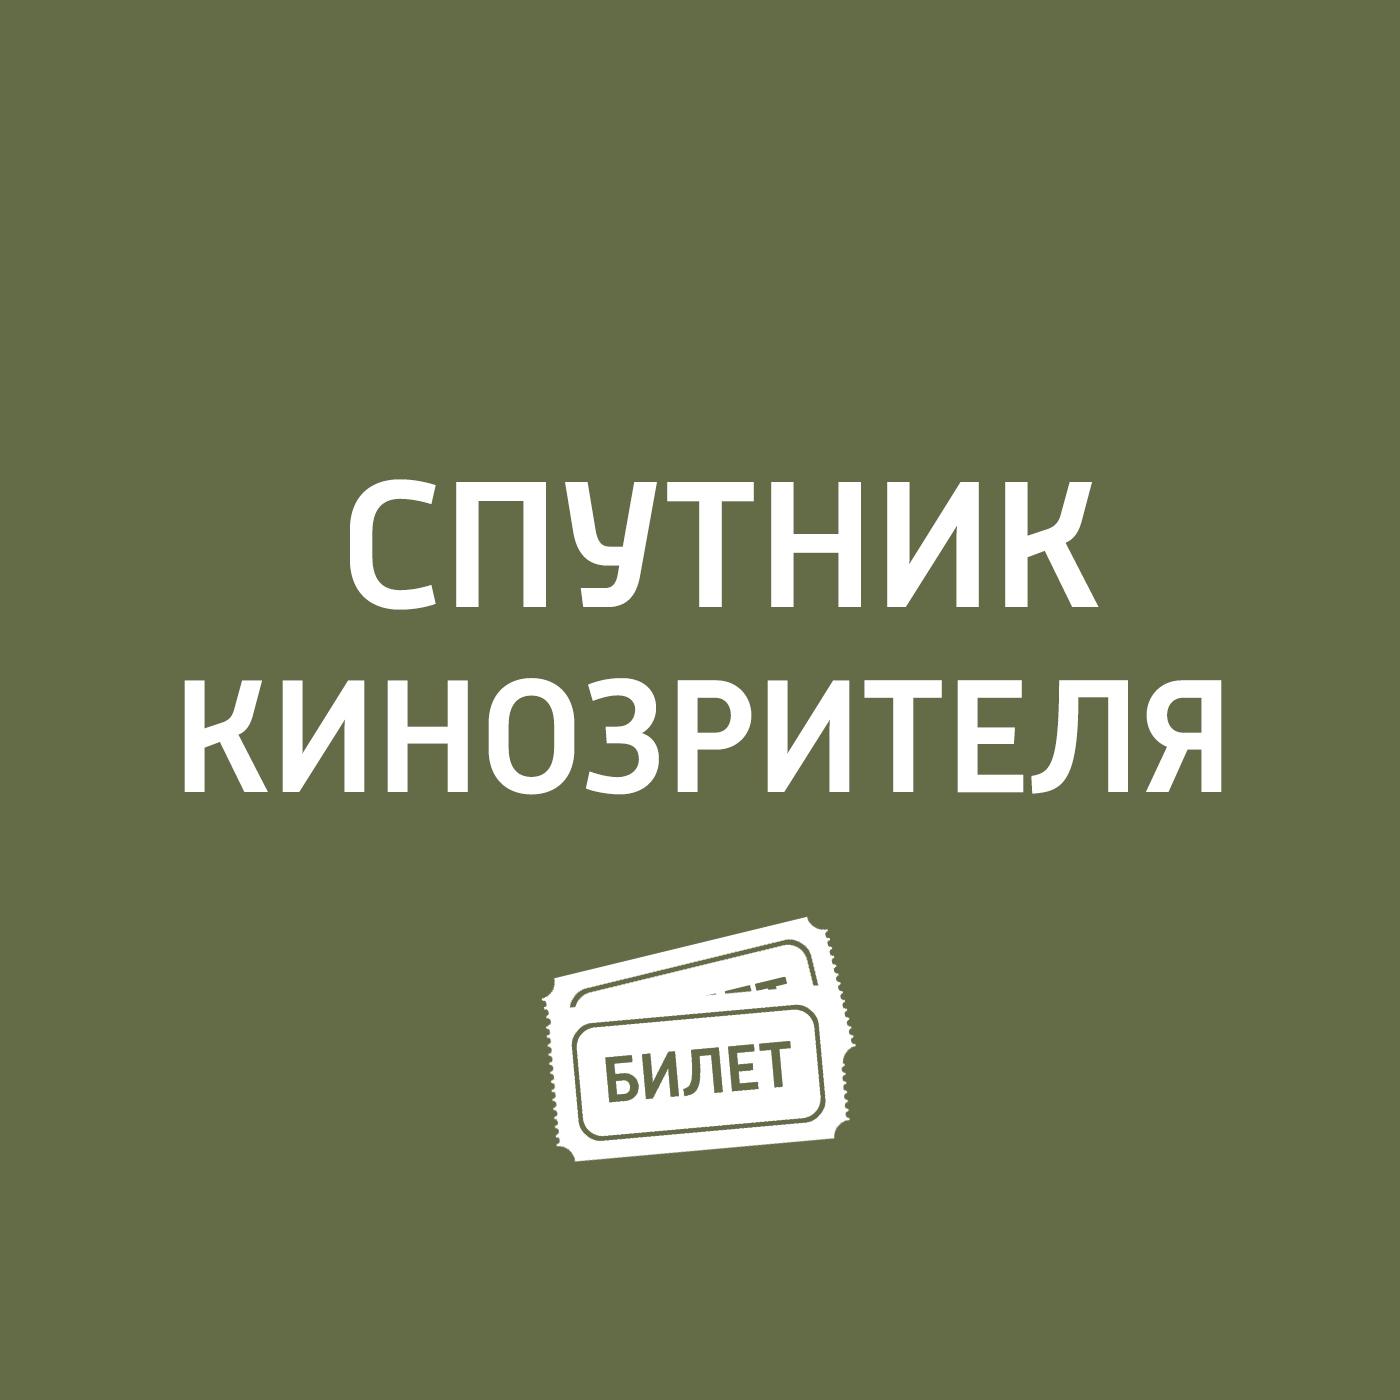 Антон Долин Итоги премии «Оскар-2018» антон долин итоги премии оскар 2018